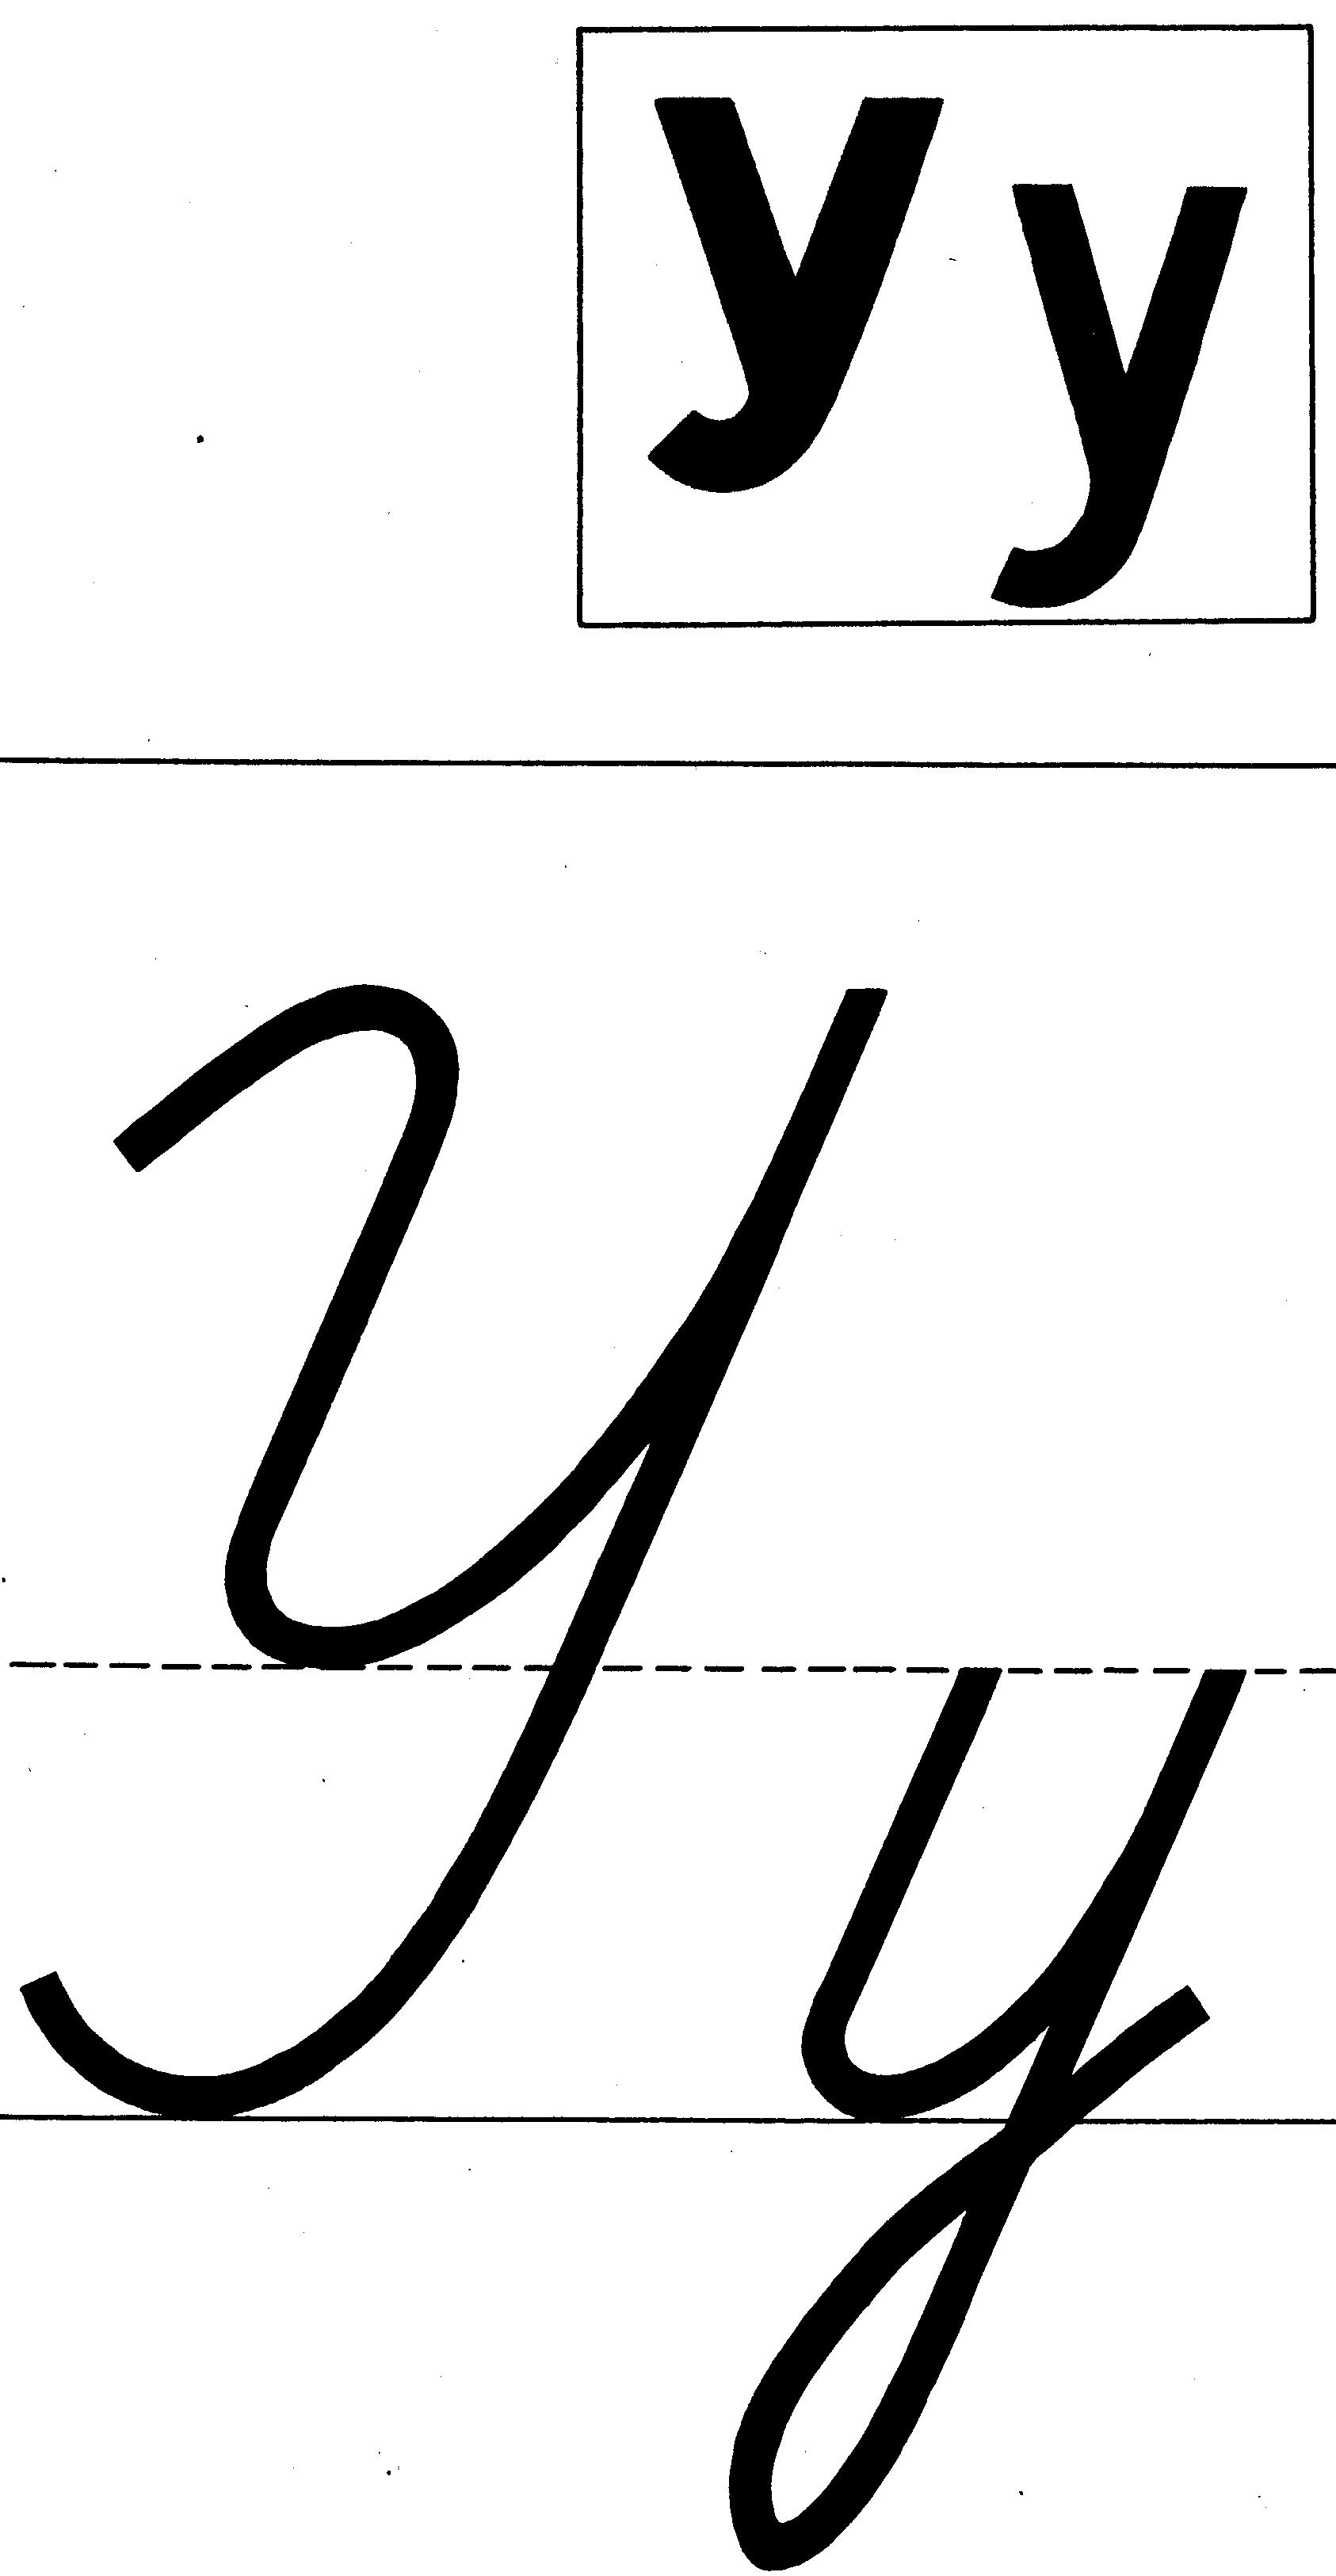 B3B7EE04